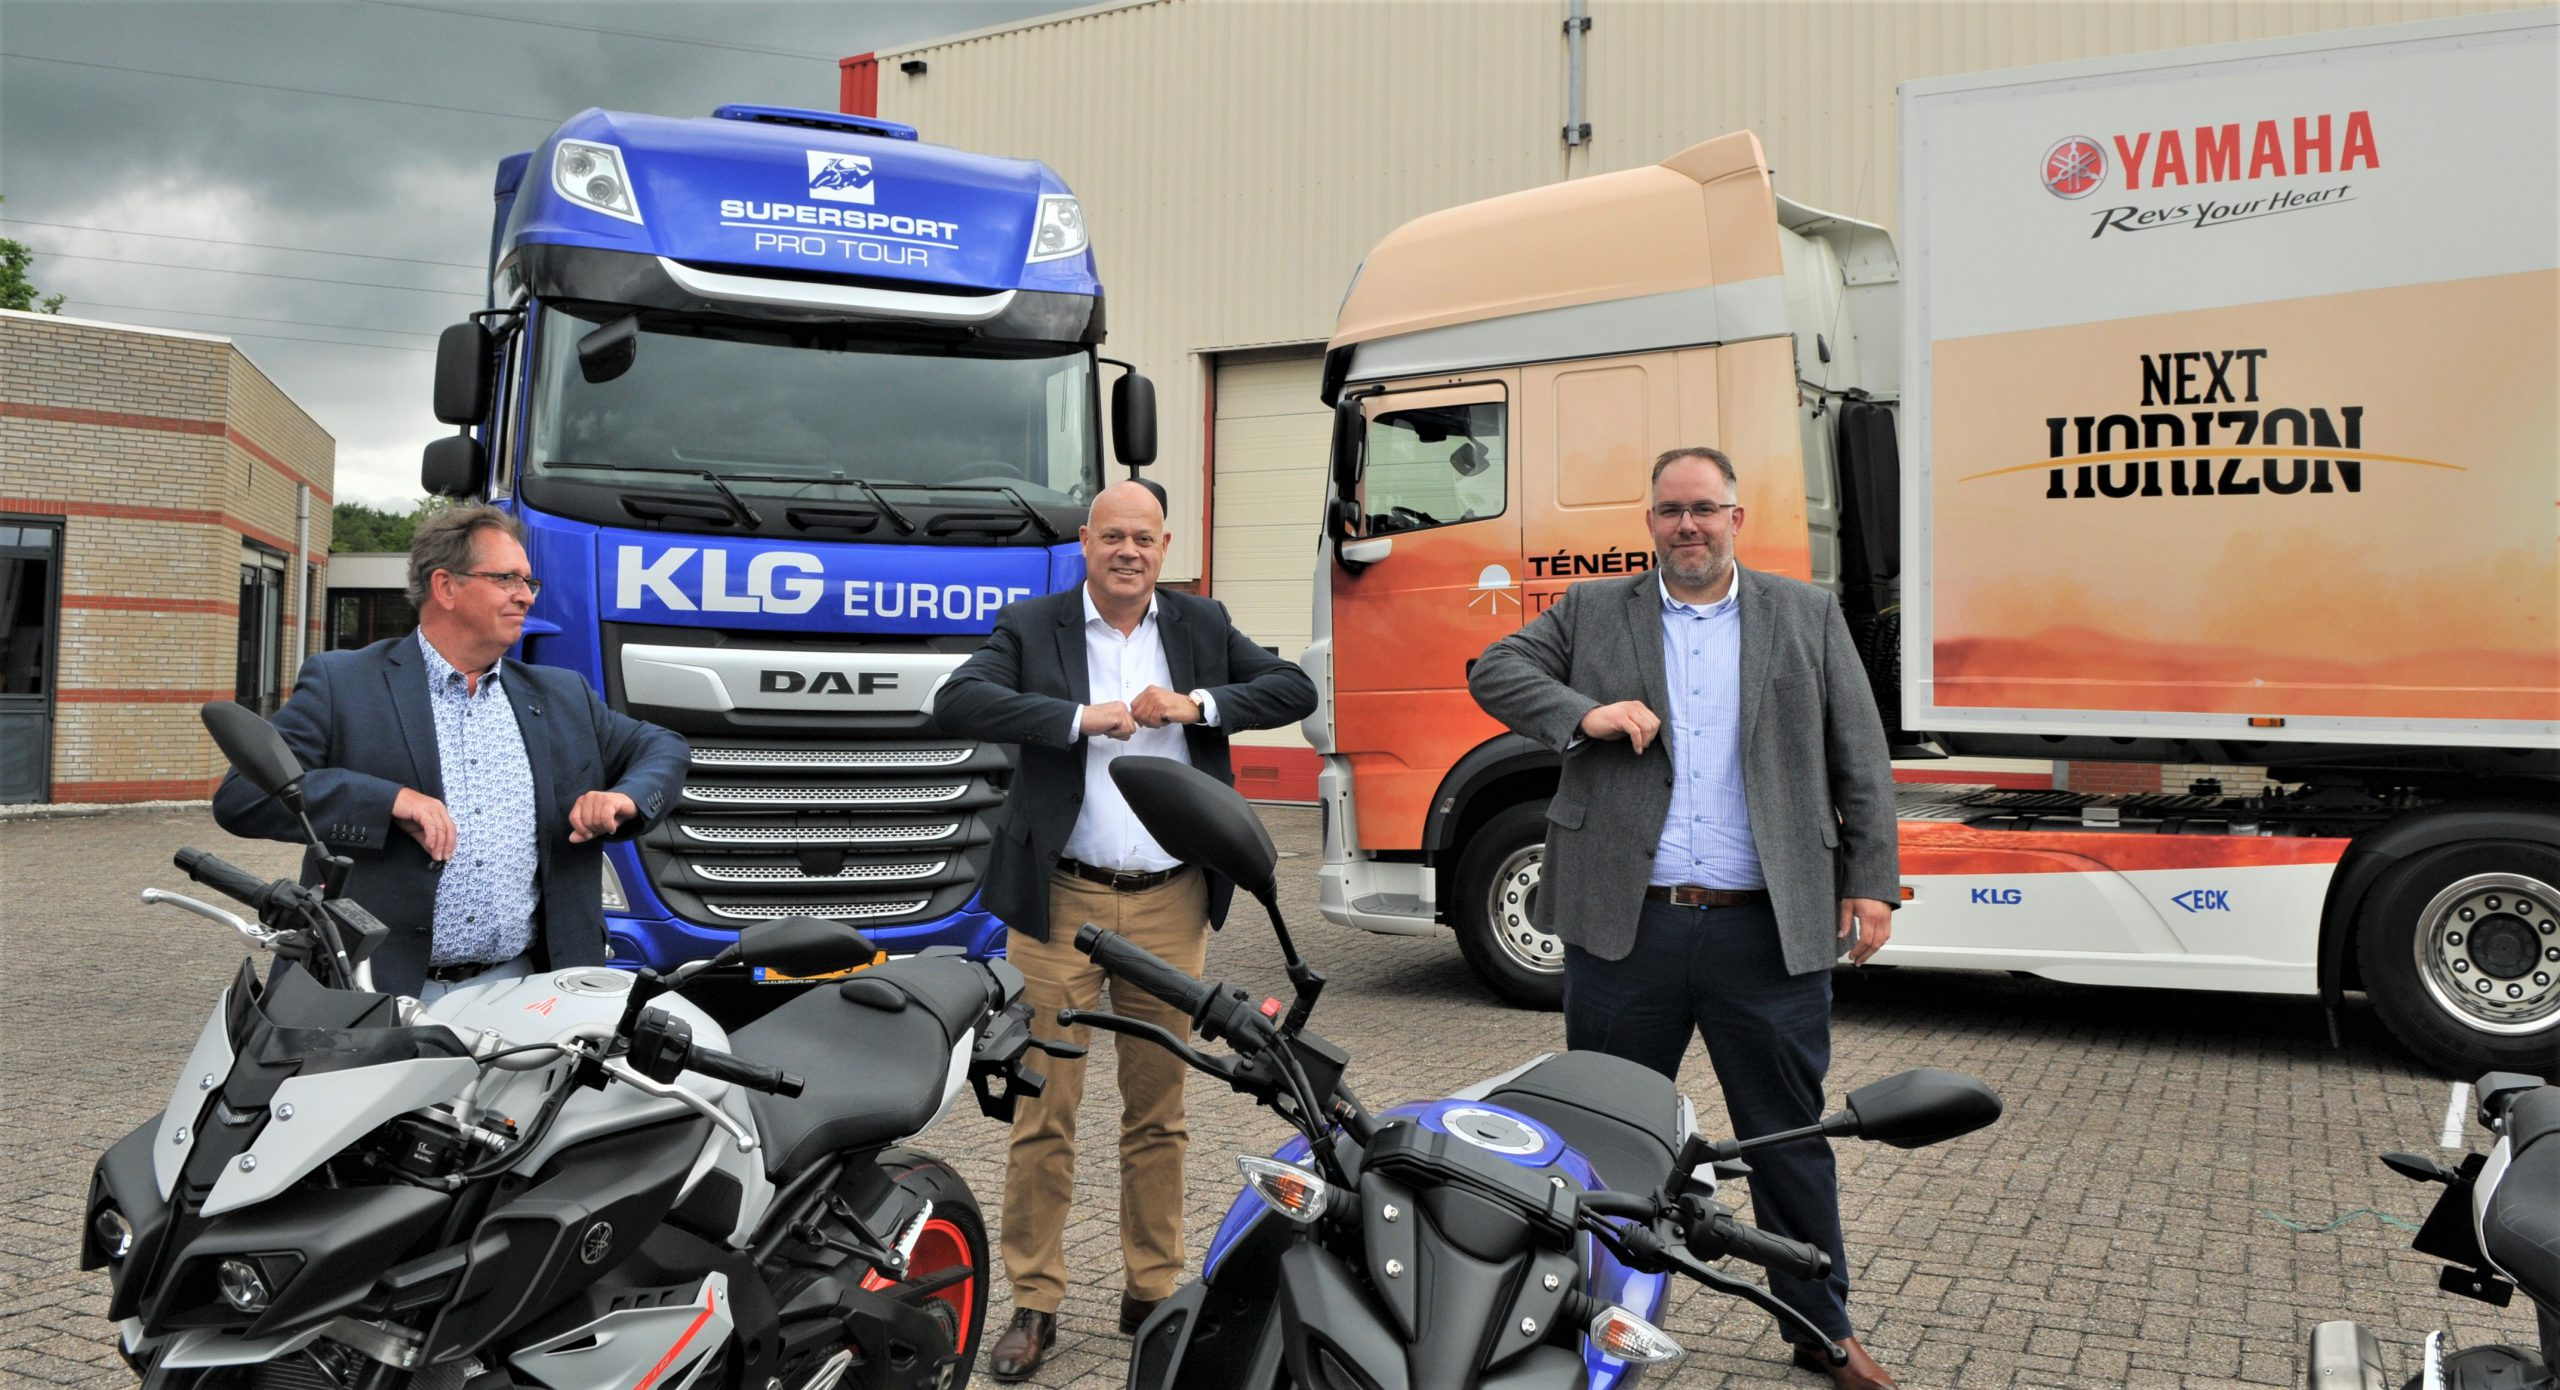 La partnershihp fra Yamaha e KLG Europe ha portato Van Eck alla fornitura dei trailer per il tour